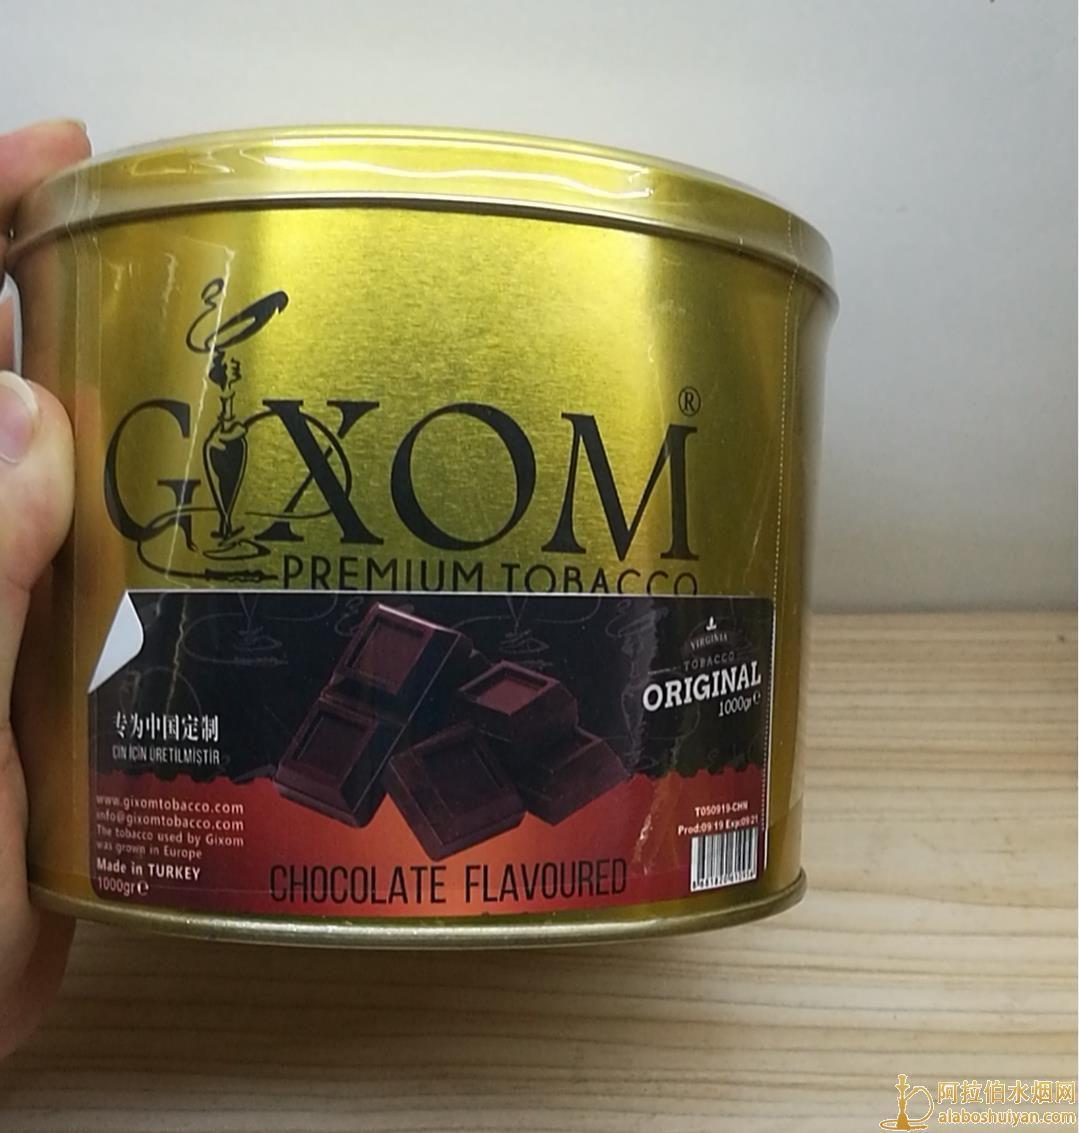 土耳其进口激素gixom新疆热卖花巧克力味道1000克图片价格批发多少